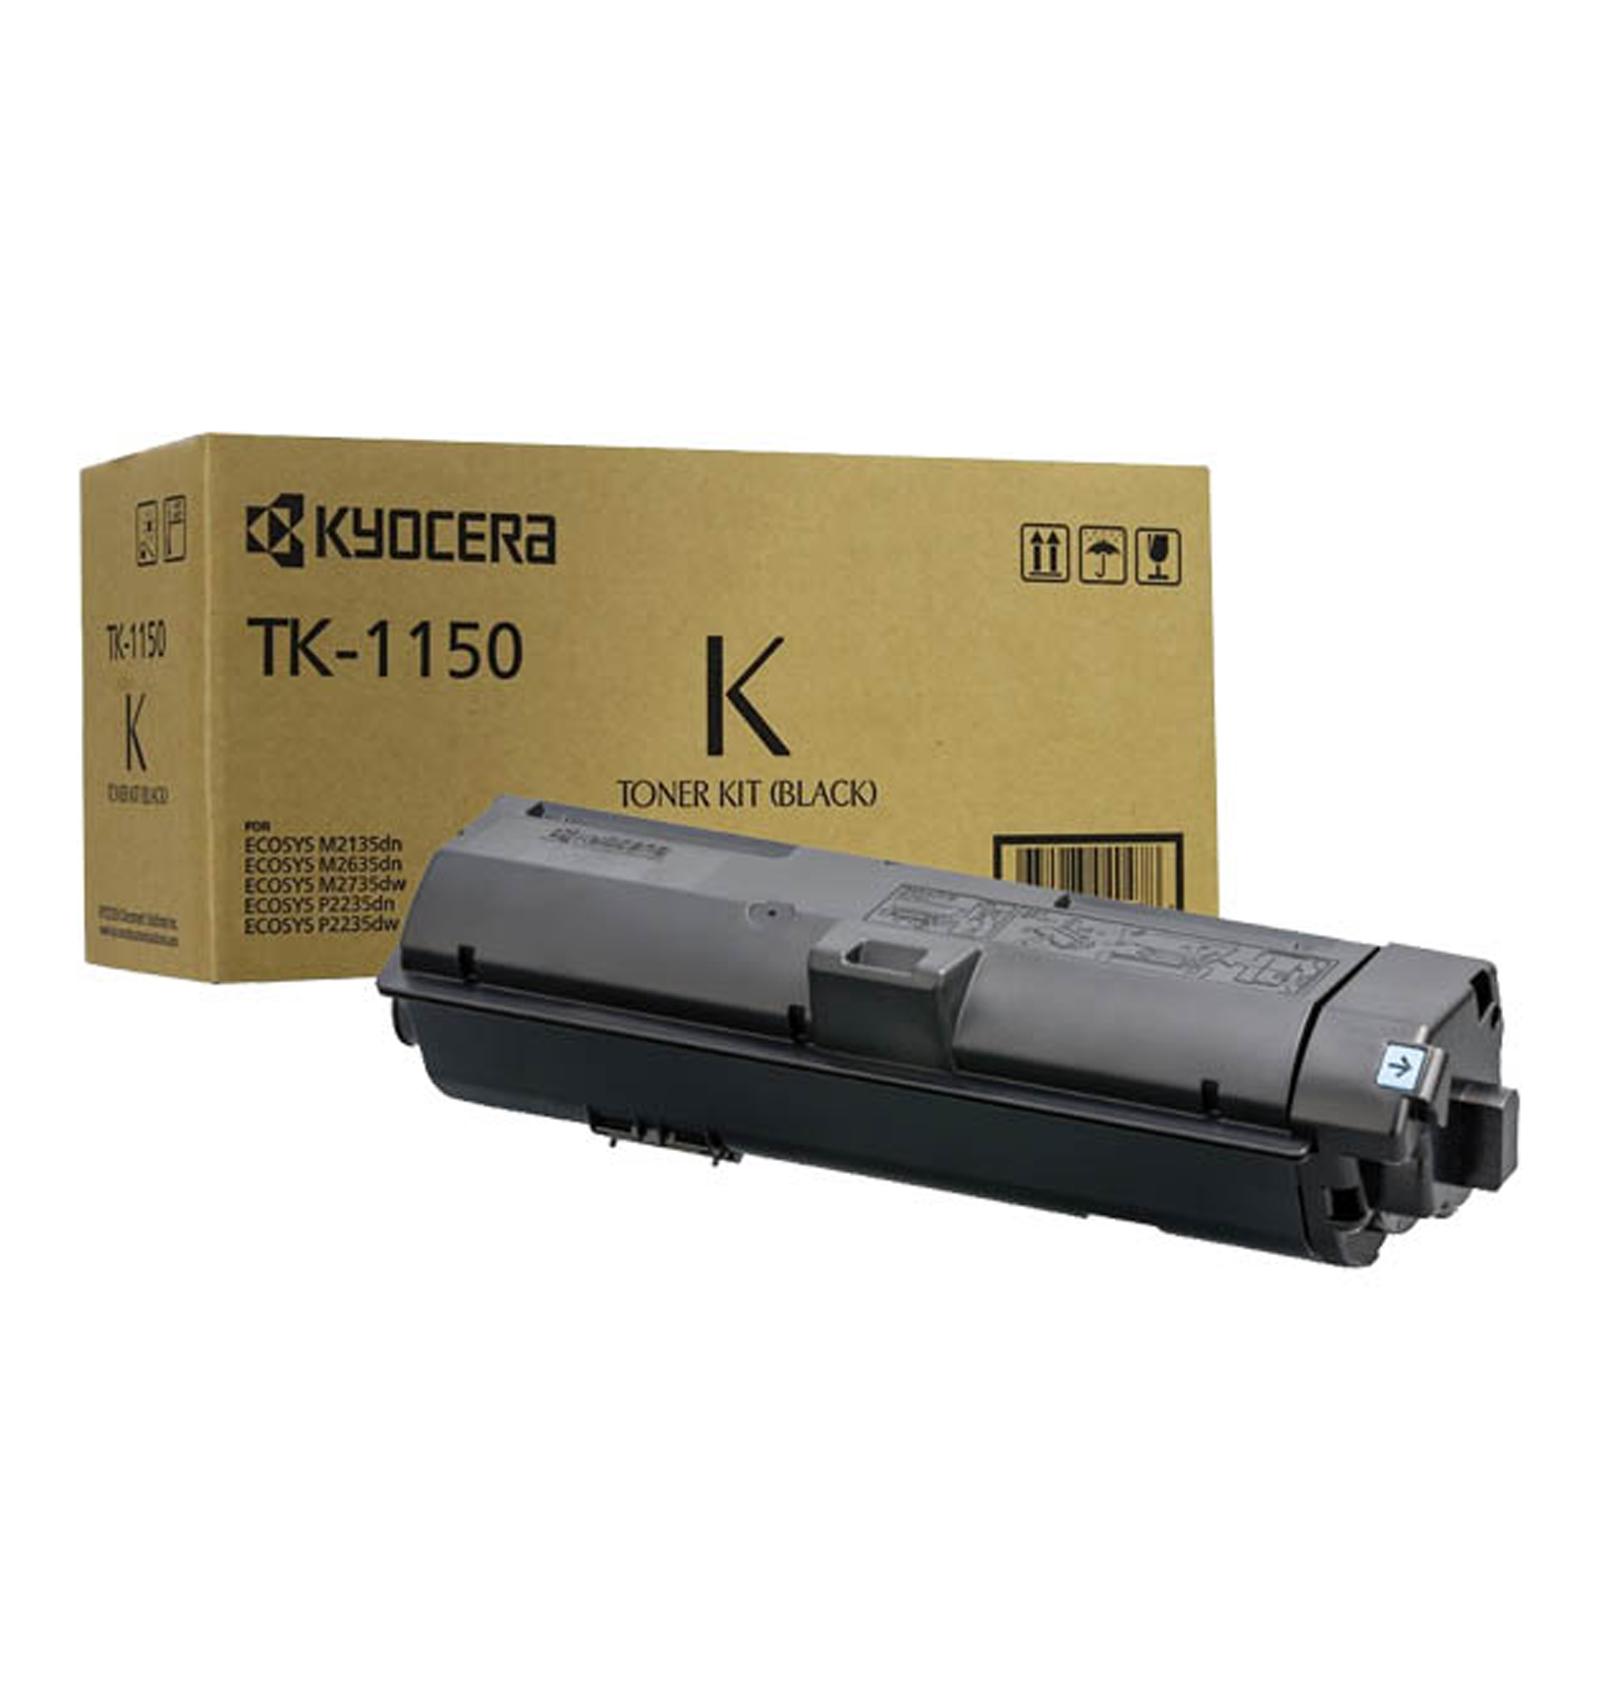 Заправка картриджа Kyocera TK-1150 для Kyocera ECOSYS M2135dn / M2635dn / M2735dw, P2235dn / P2235dw